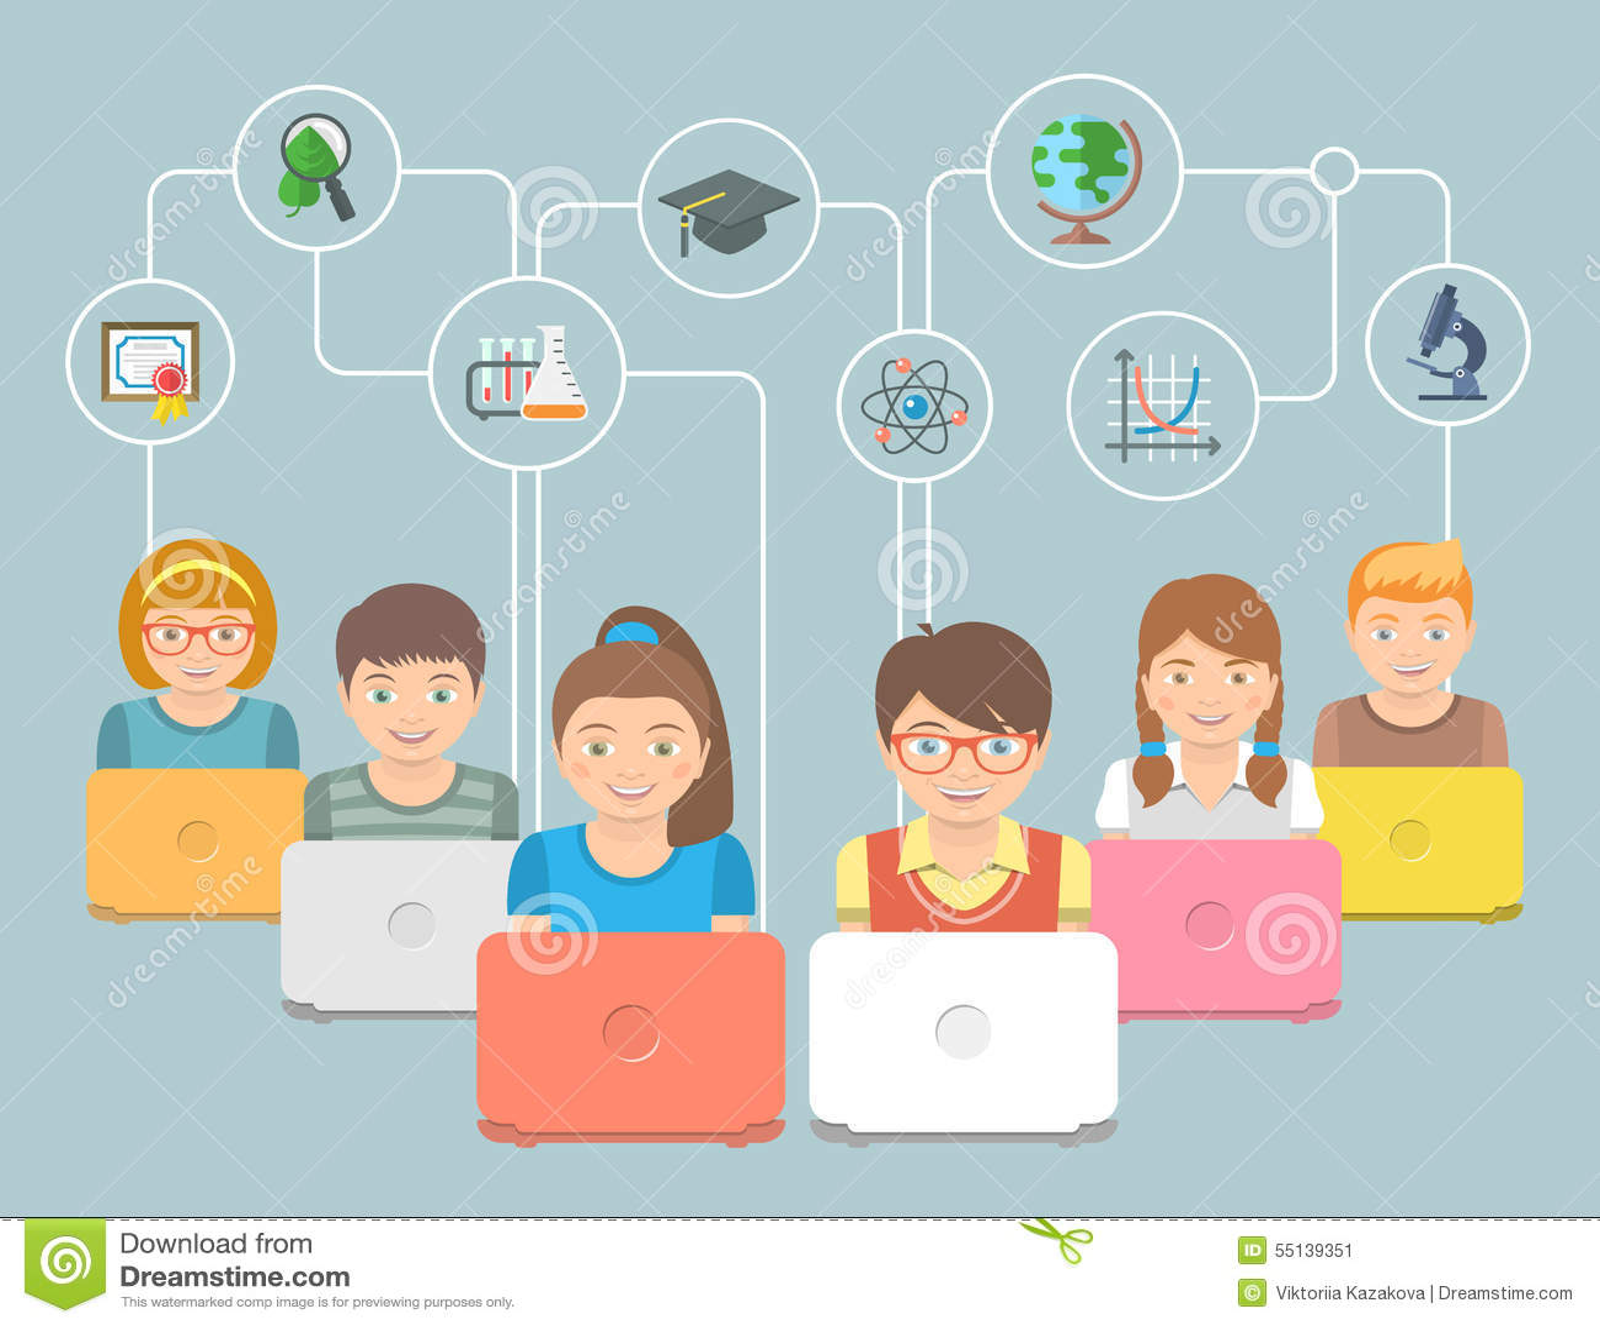 La educación en línea embroma el ejemplo conceptual plano